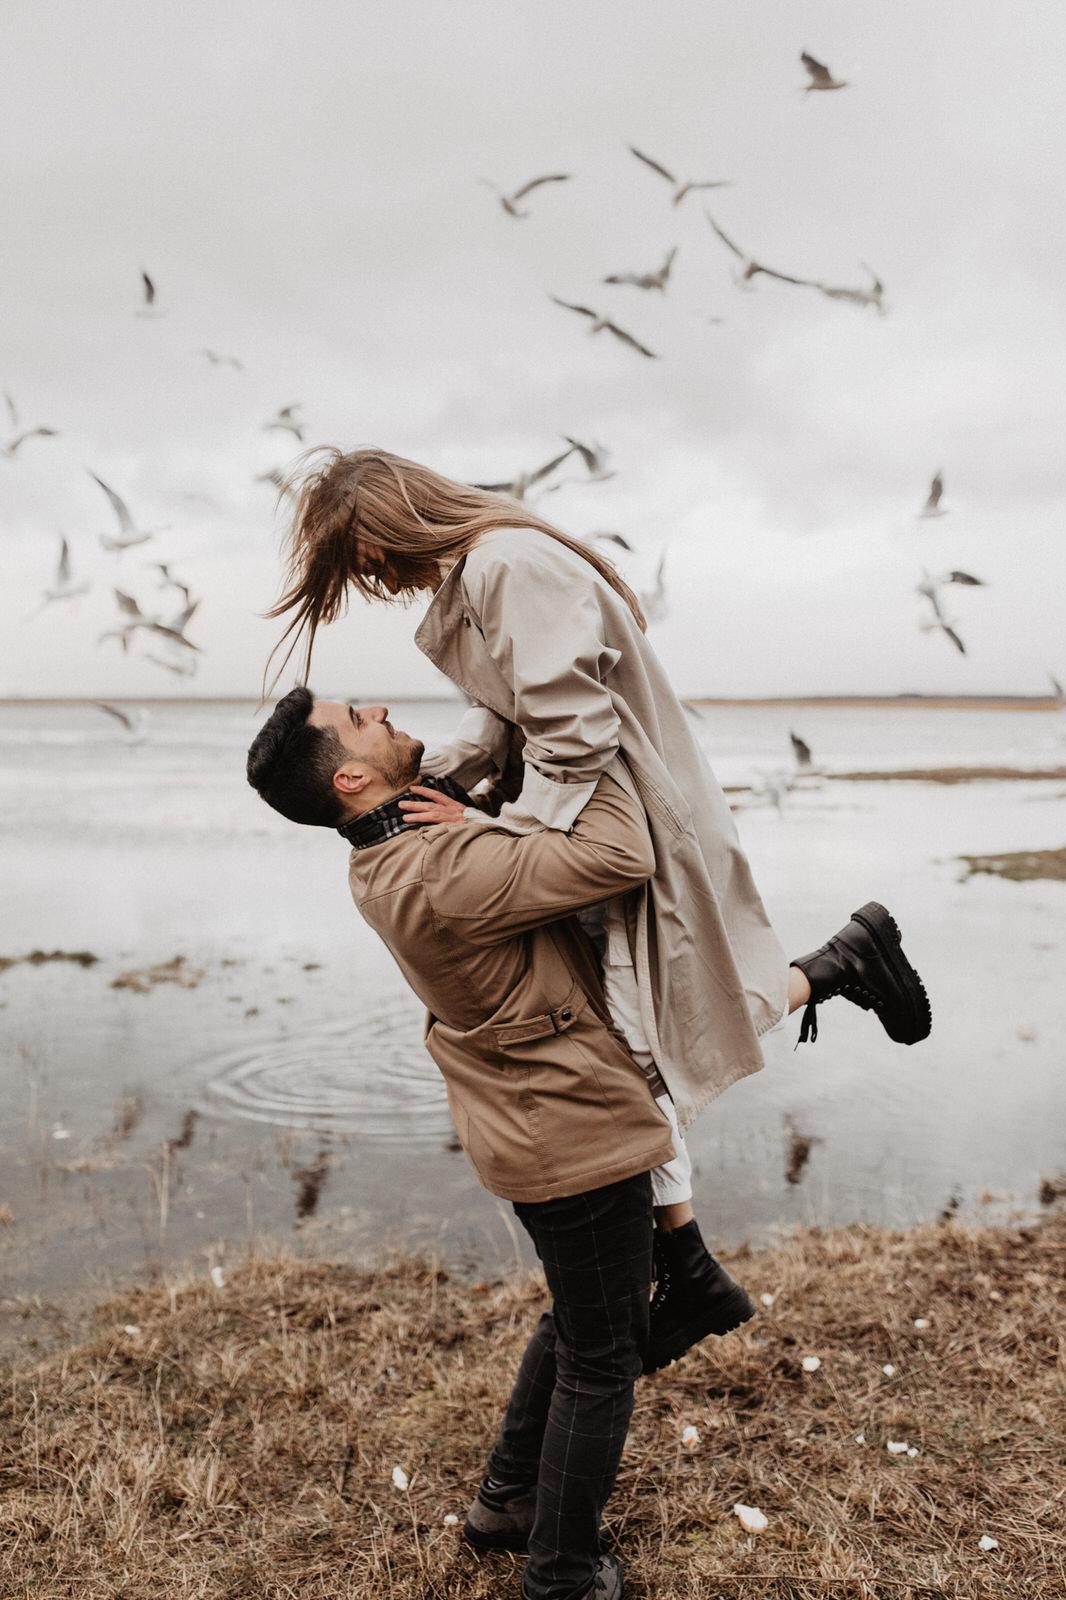 Love & Birds Story with Eliza and Anthony by Emīlija Bogdānova